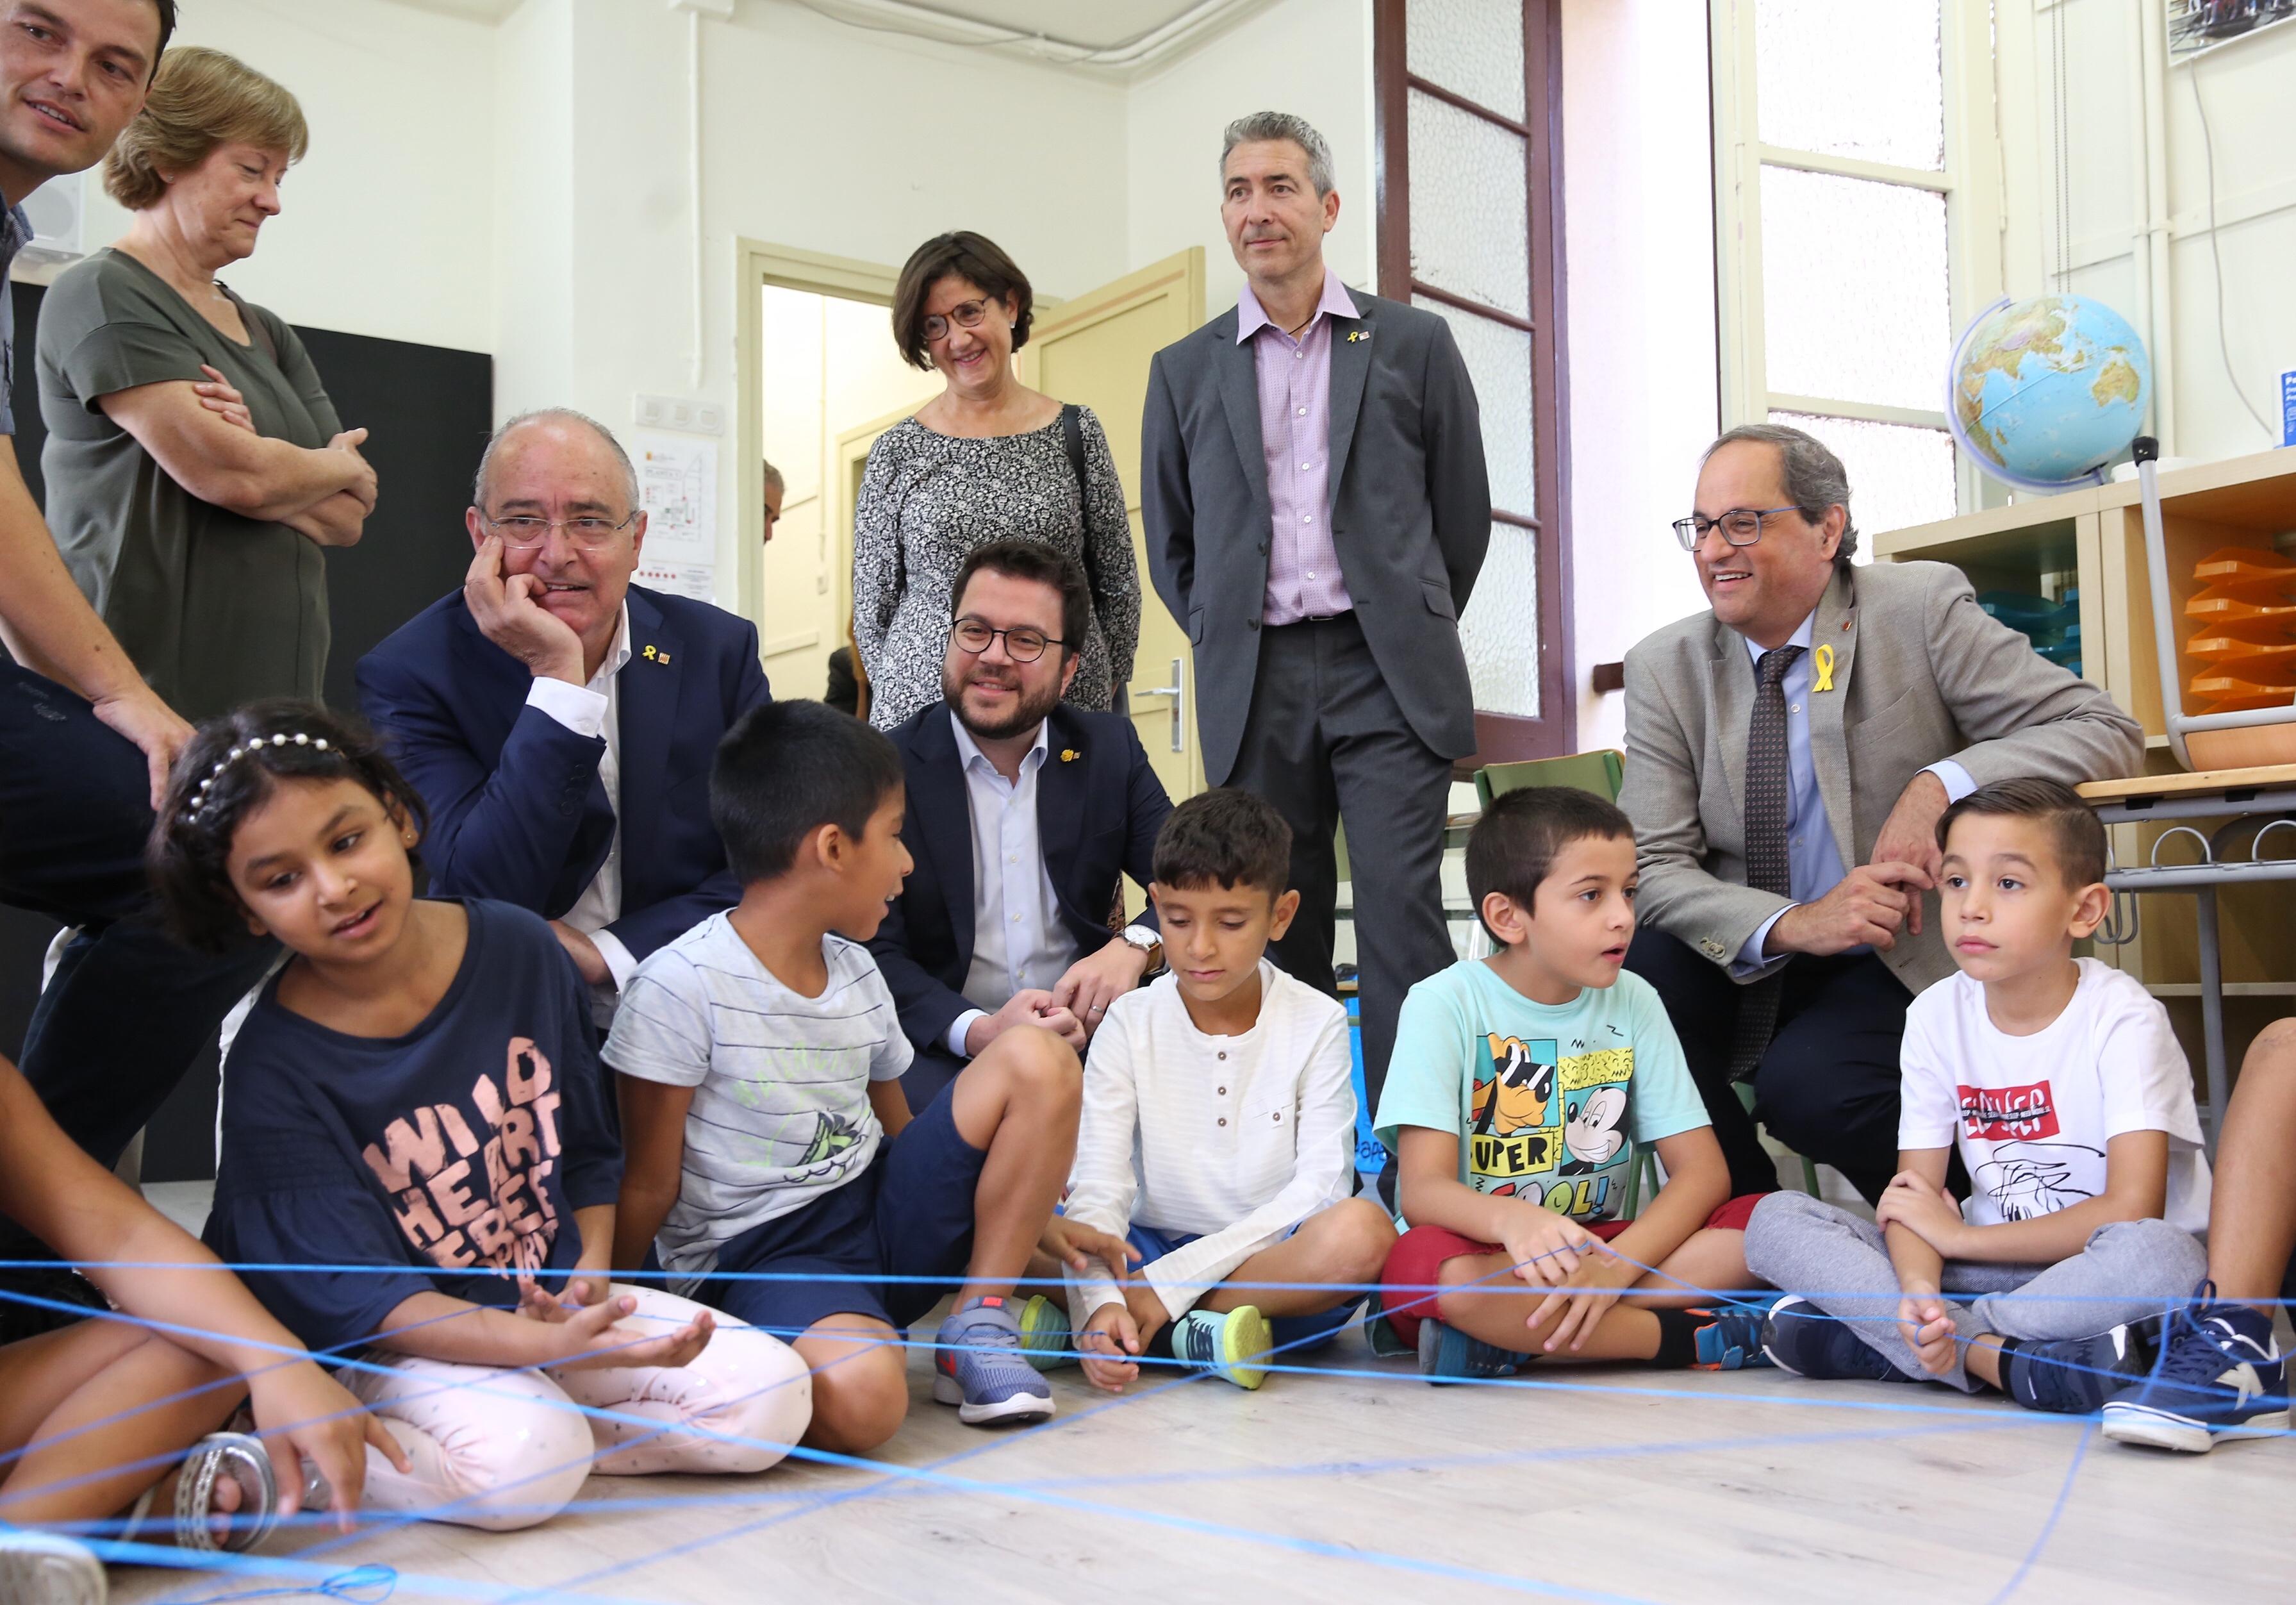 El president Torra, el vicepresident Aragonès i el conseller Bargalló a l'escola Francesc Macià